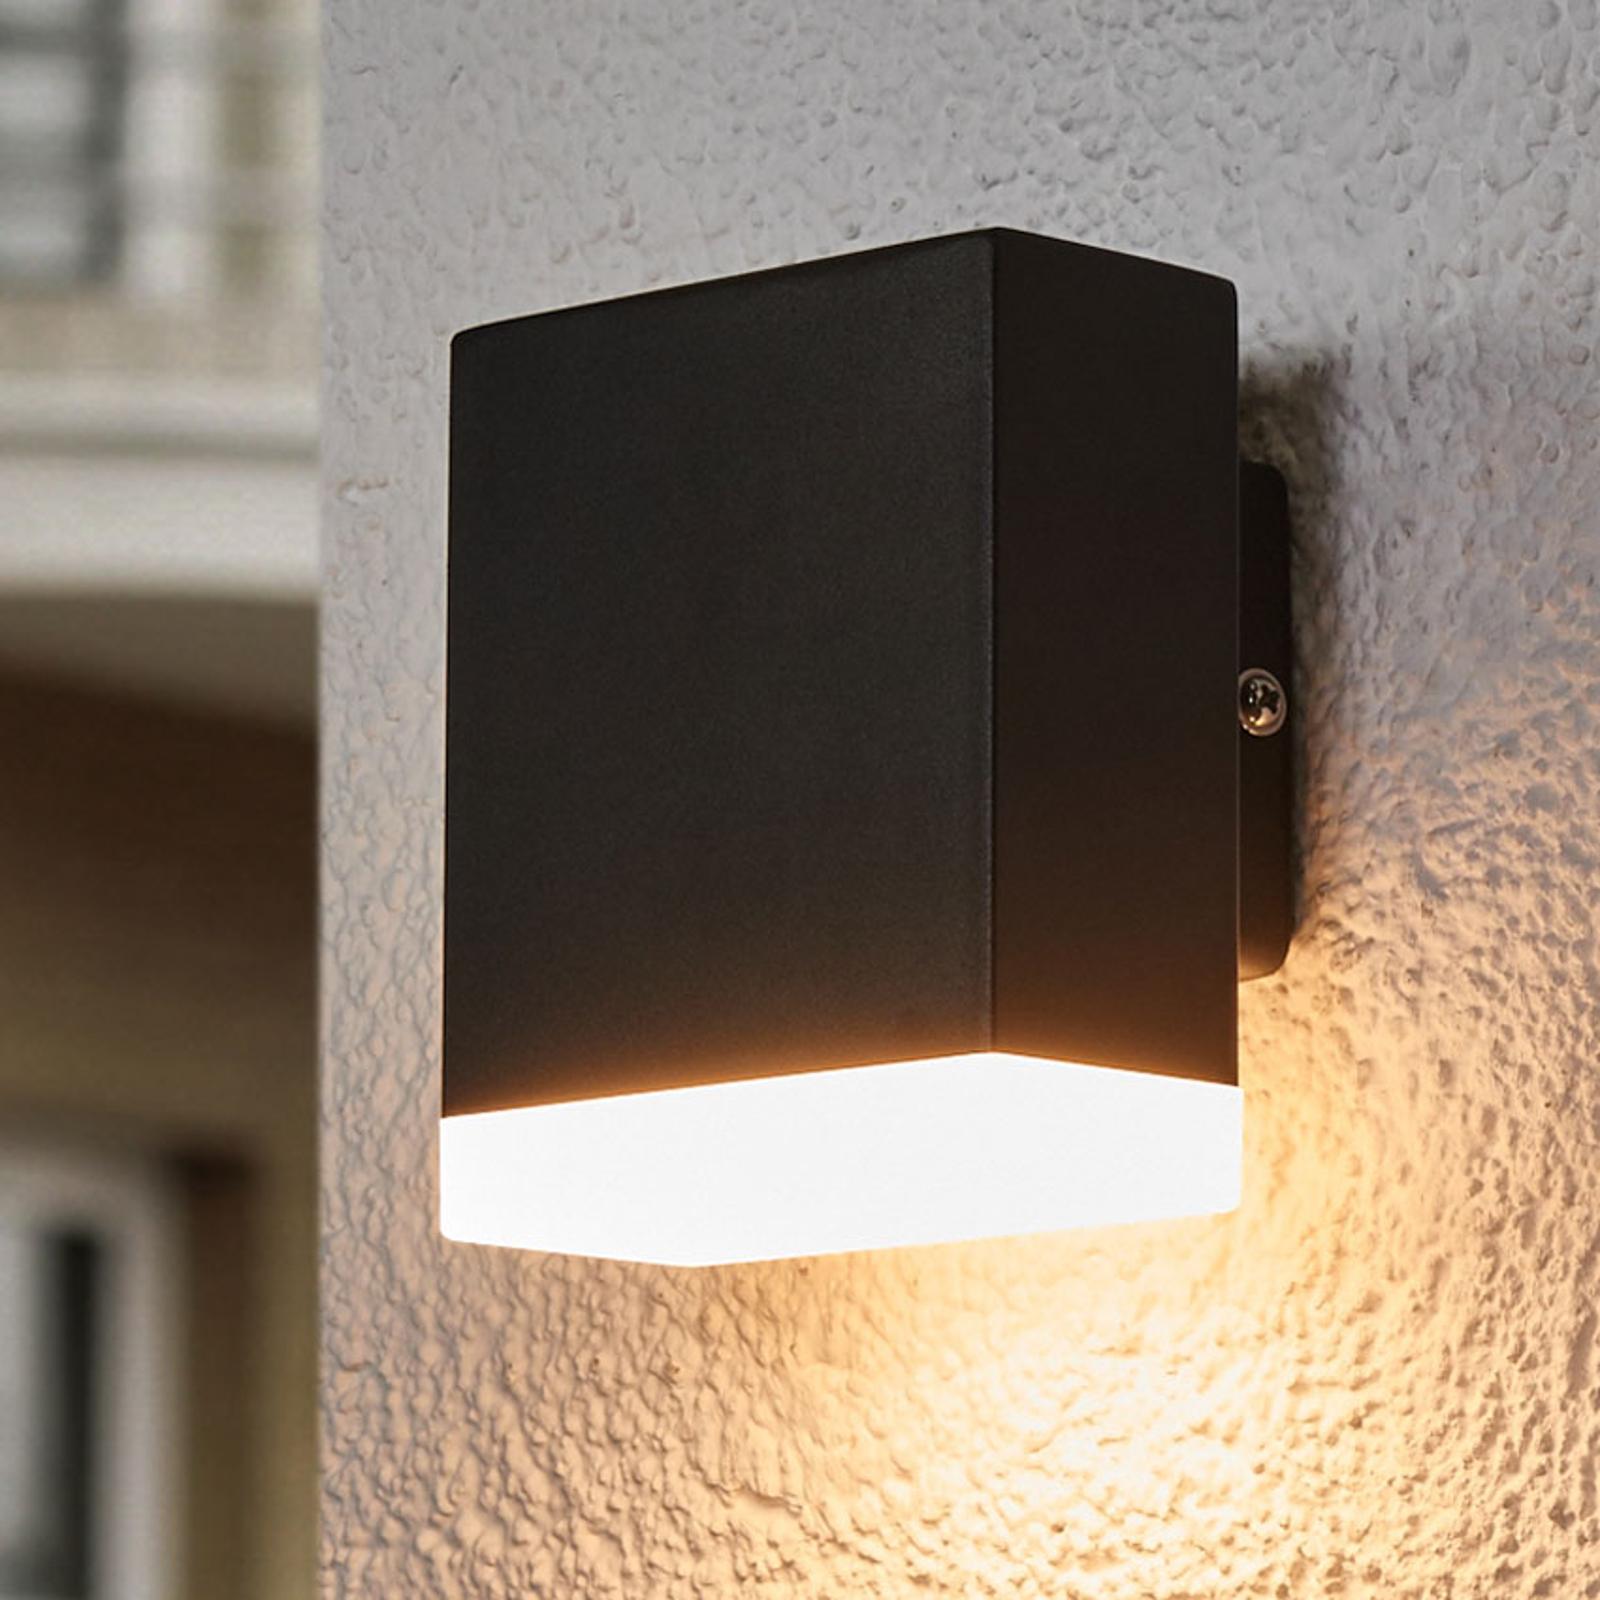 Moderne LED-udendørsvæglampe Aya i sort